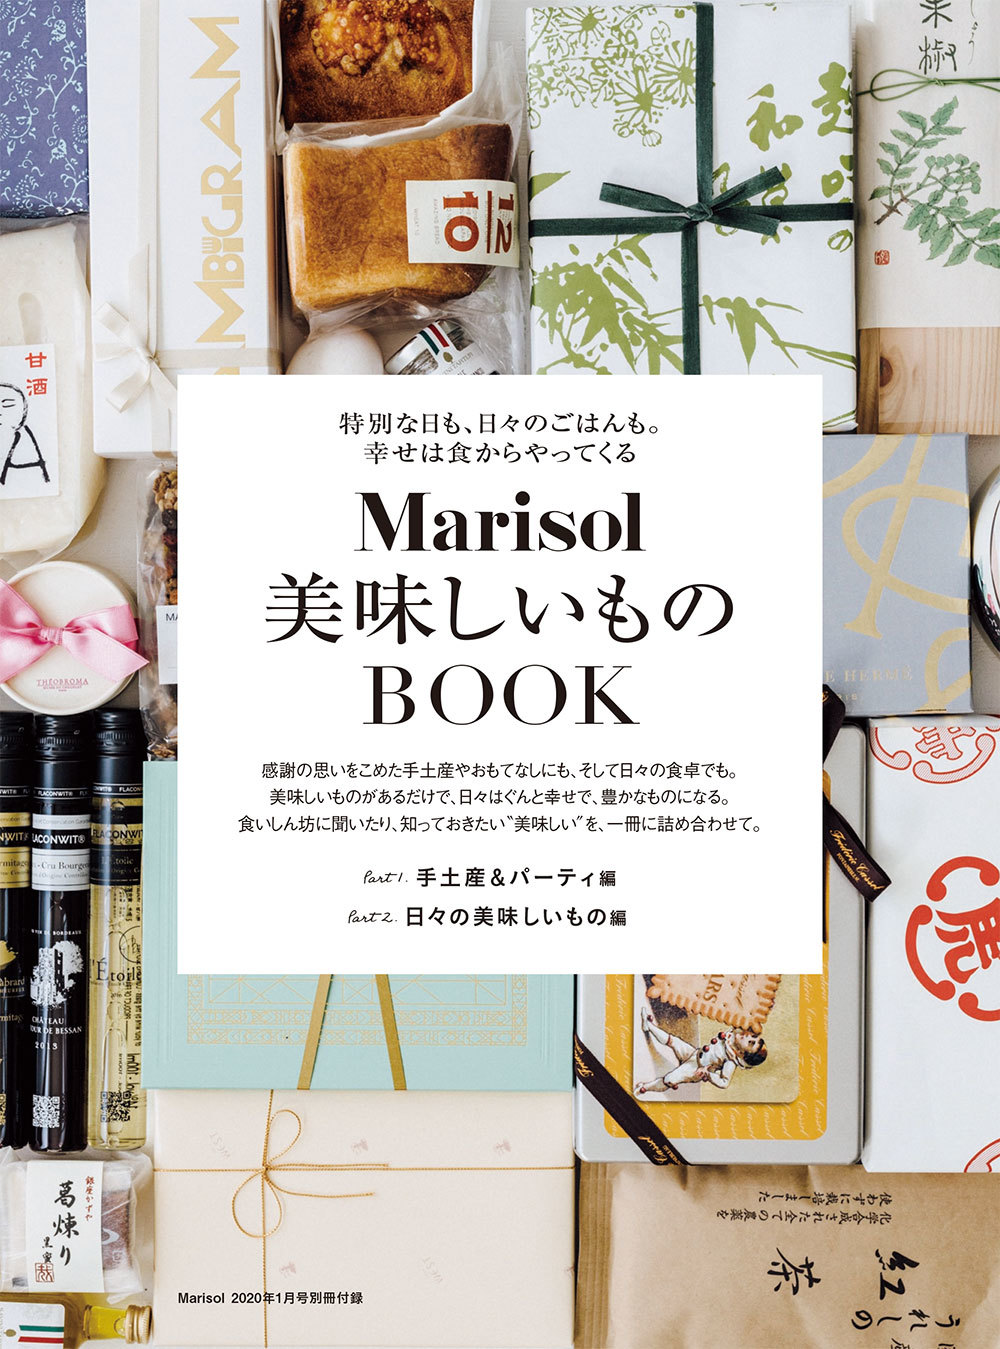 Marisol 美味しいものBOOK